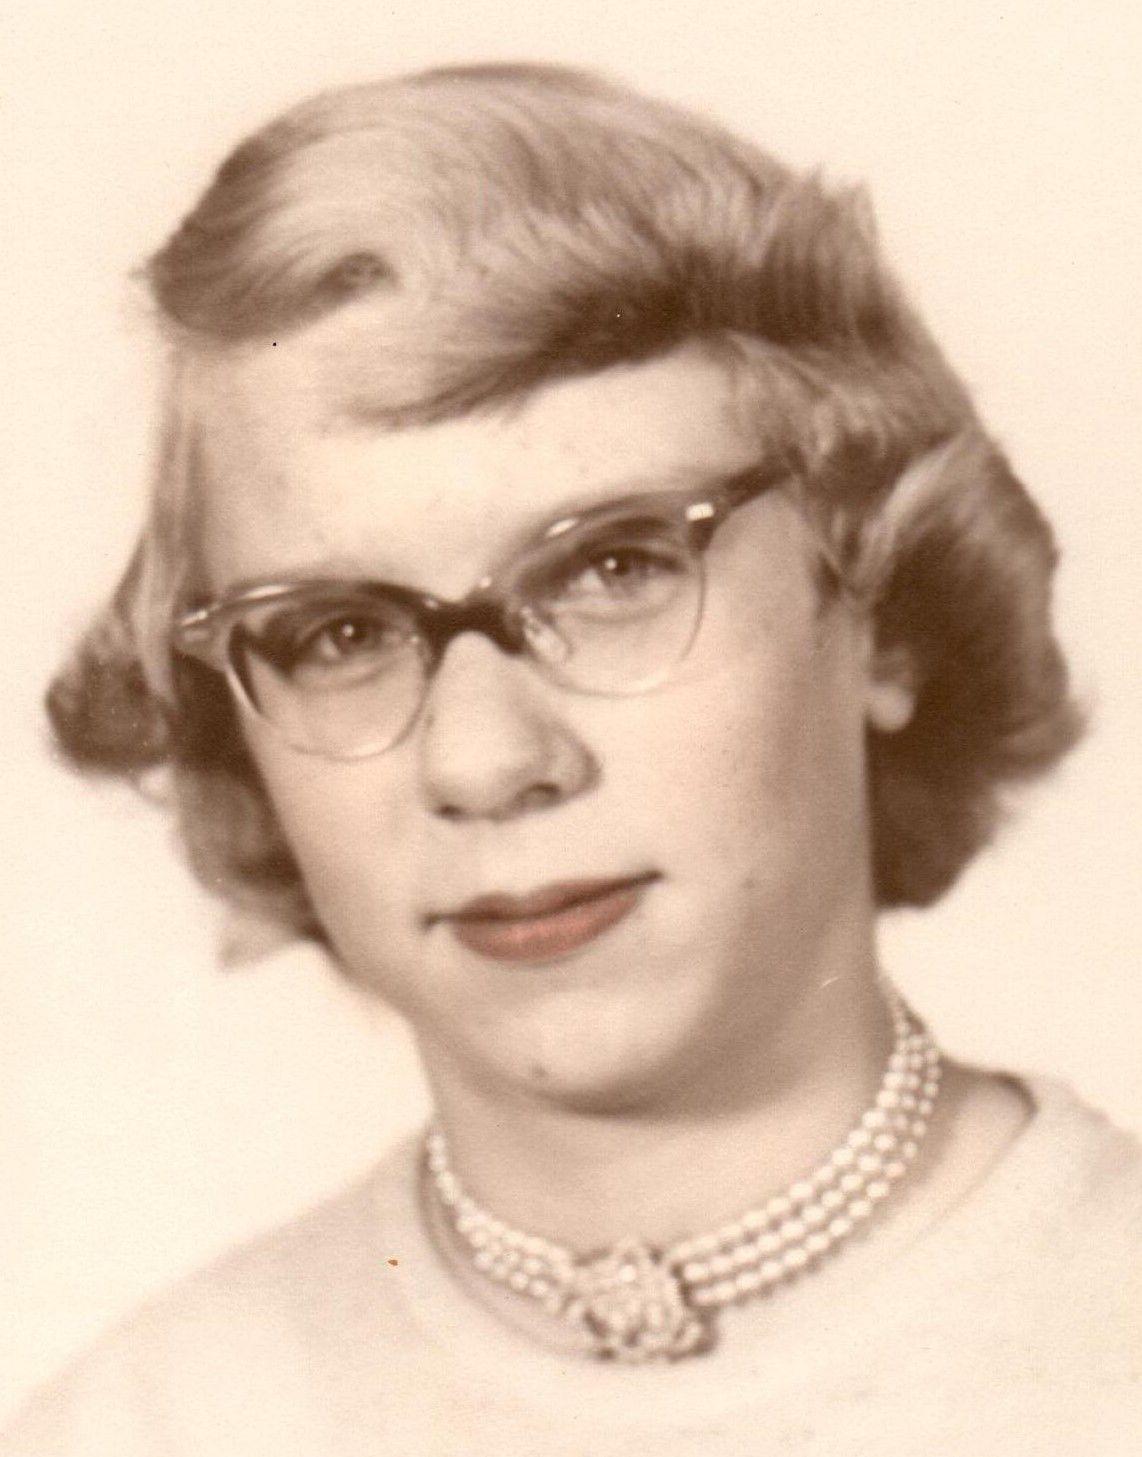 Miller, Barbara younger